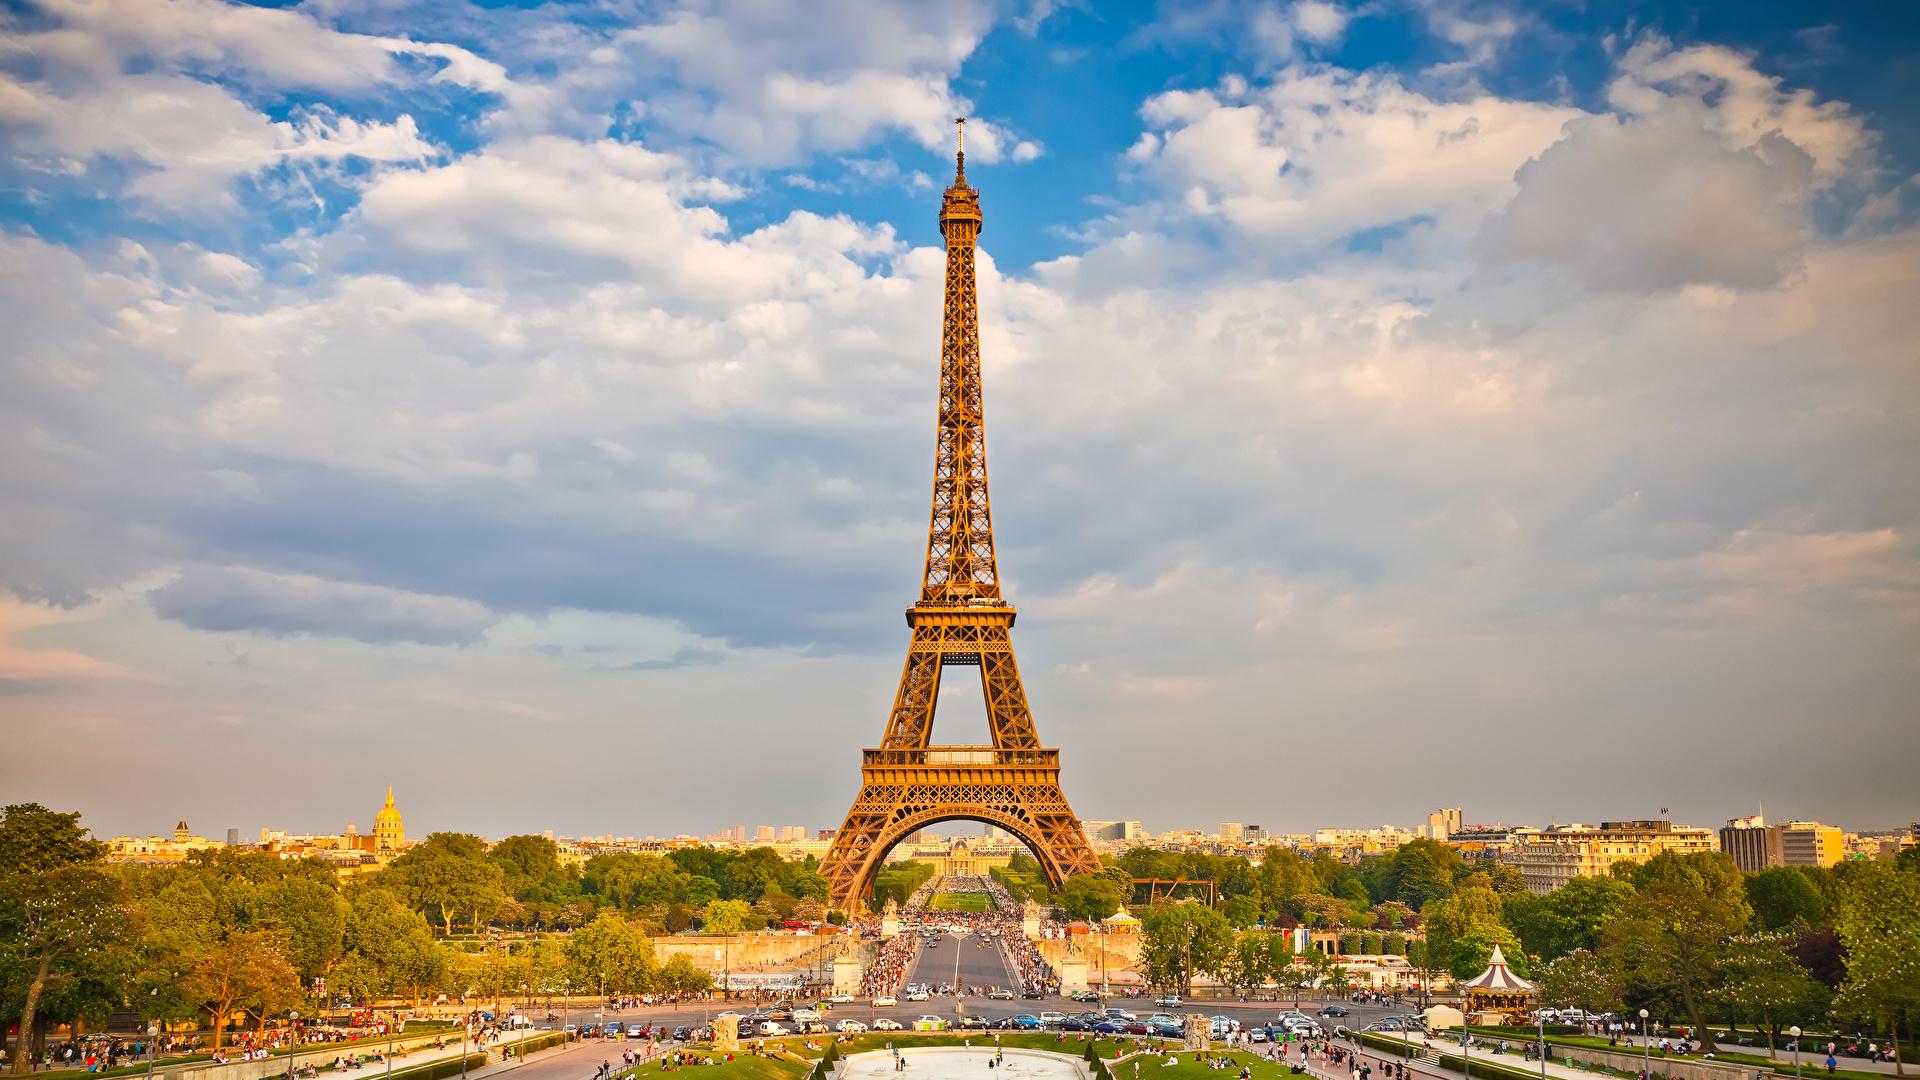 壁紙 19x1080 フランス 空 パリ エッフェル塔 雲 都市 ダウンロード 写真